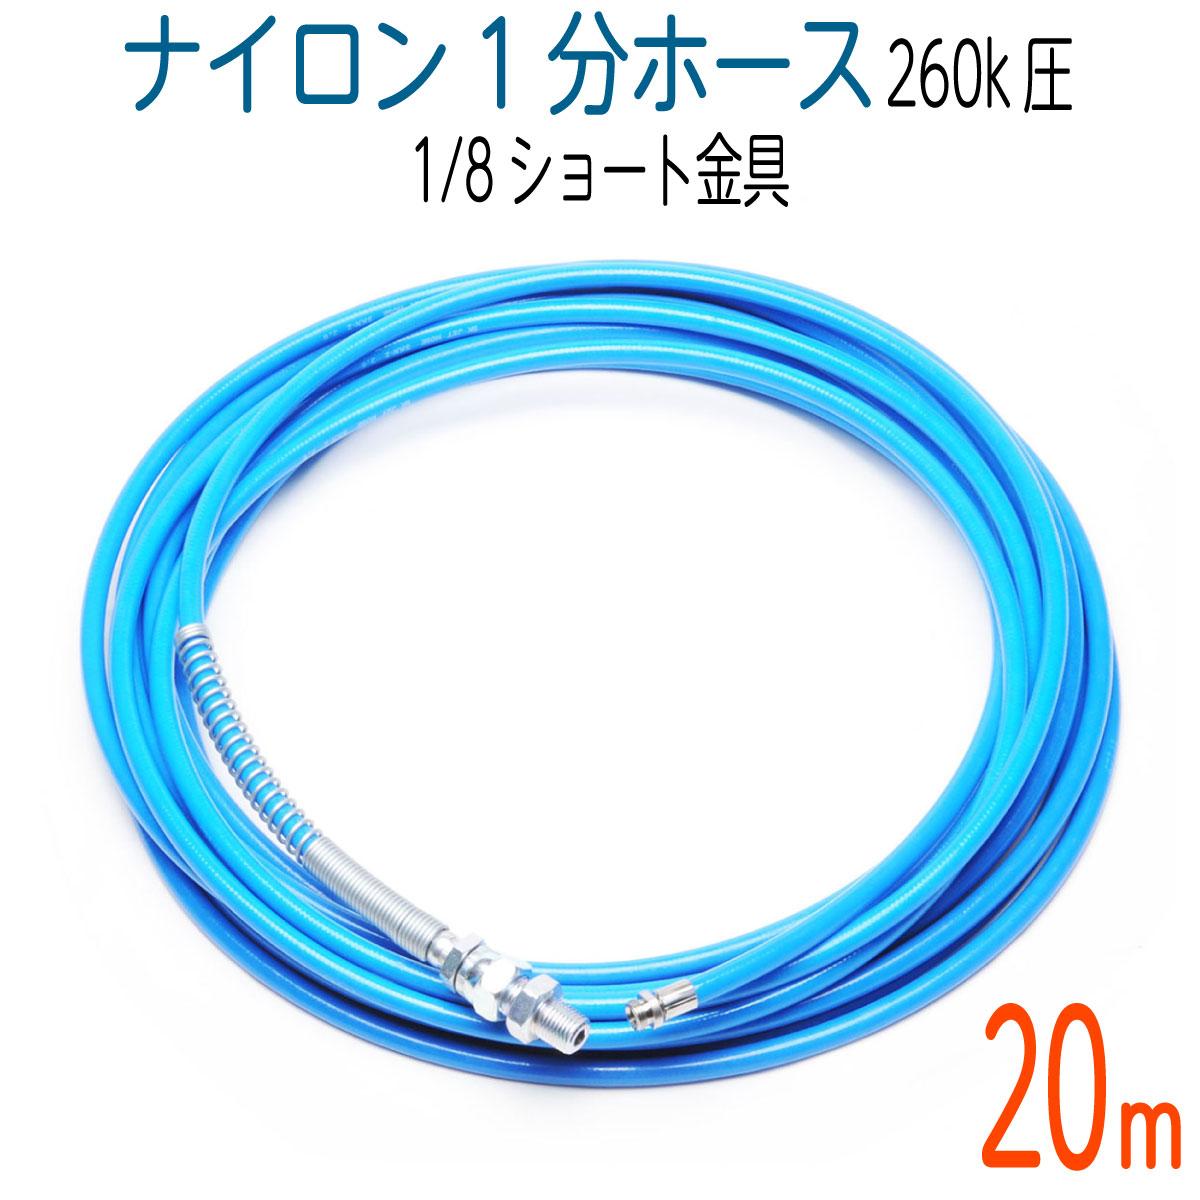 【ショート金具】ナイロン洗管ホース 3.6(1分)×【20M】